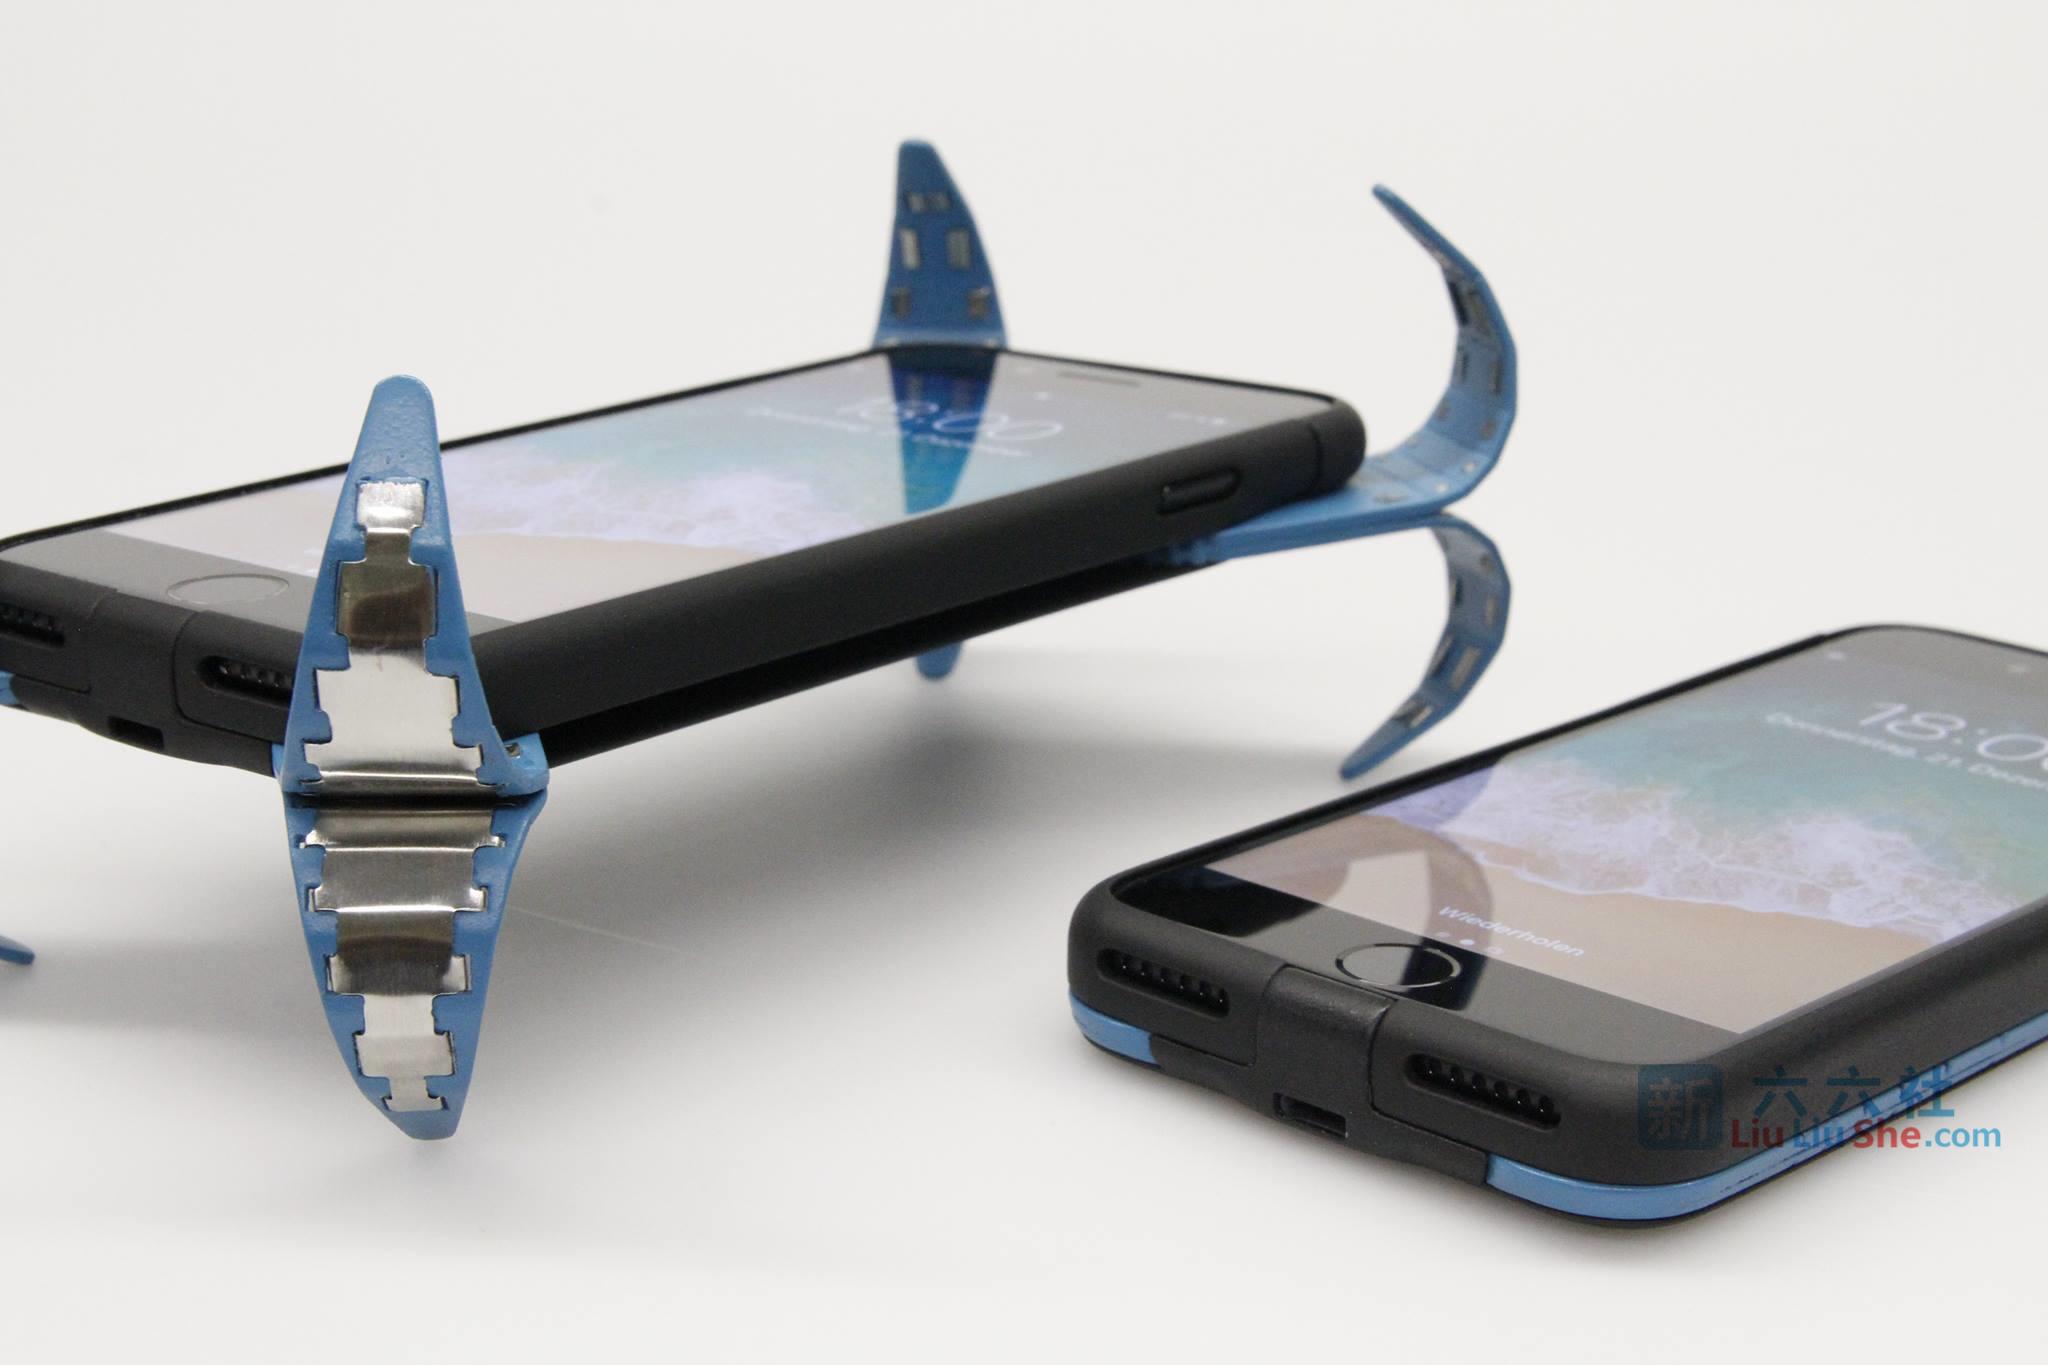 黑科技:给手机装上《安全降落装置》,价格超10块手机屏就无爱。